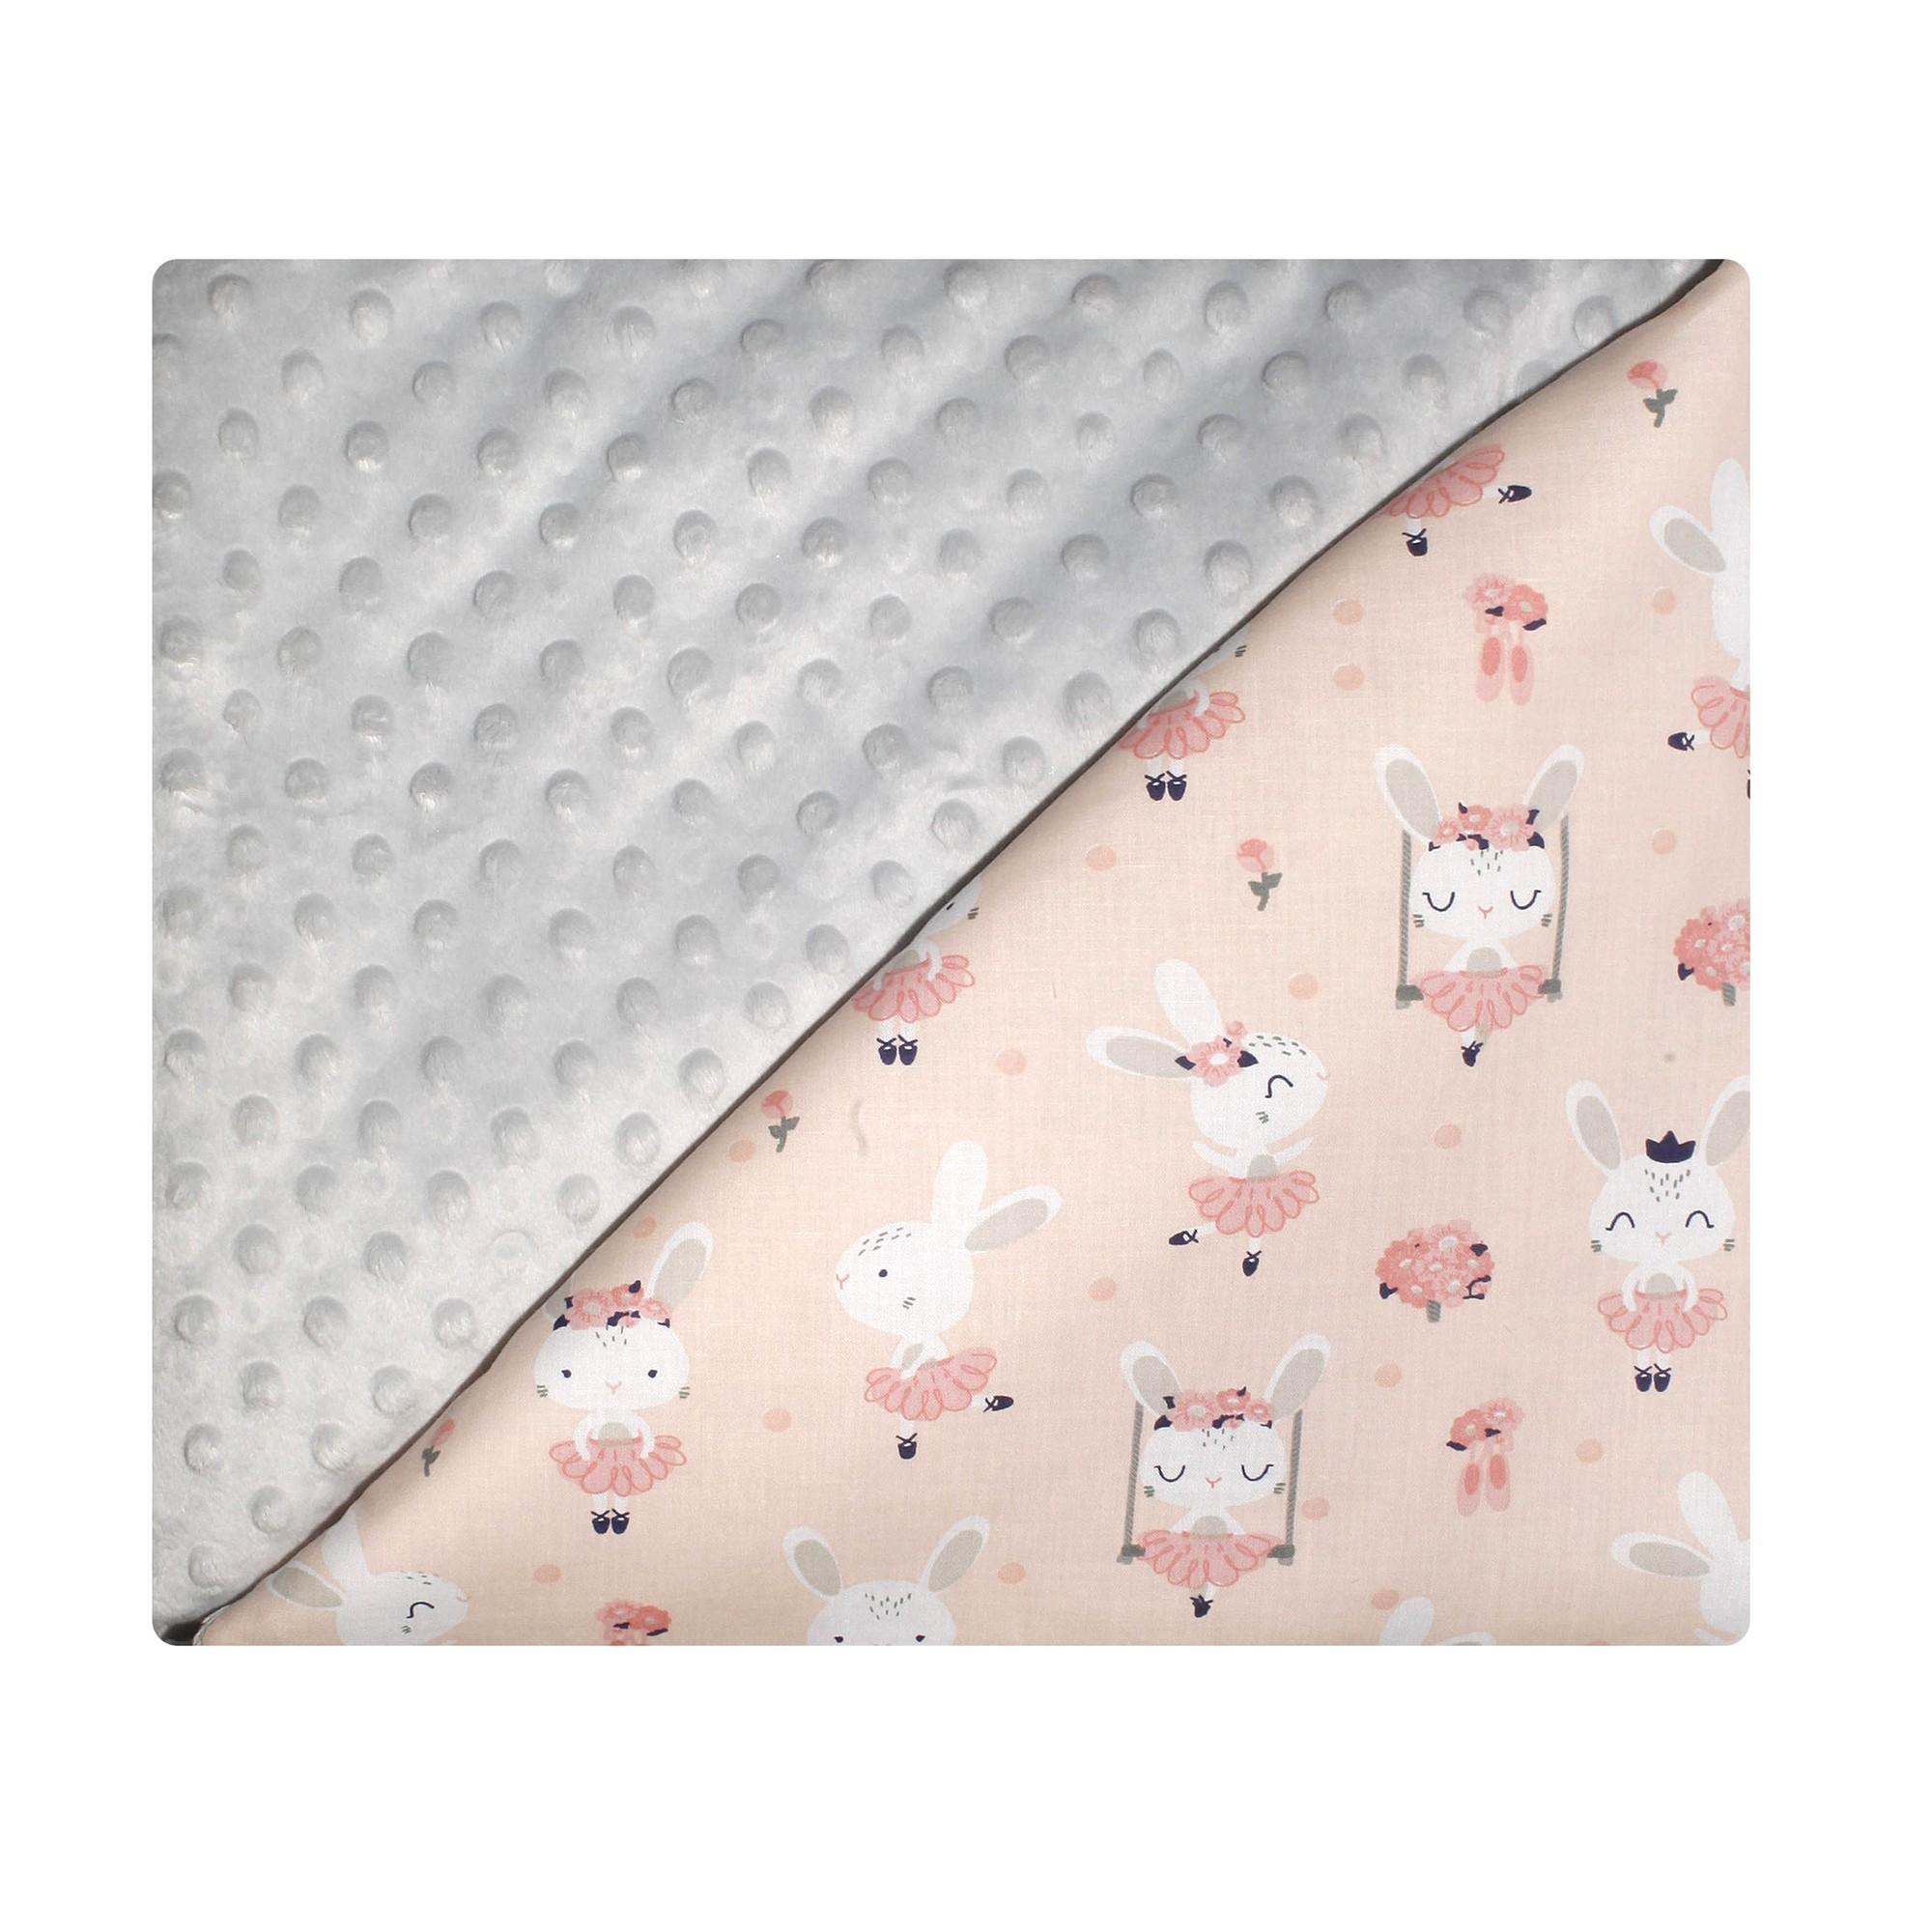 Couverture bébé coton et minky abricot